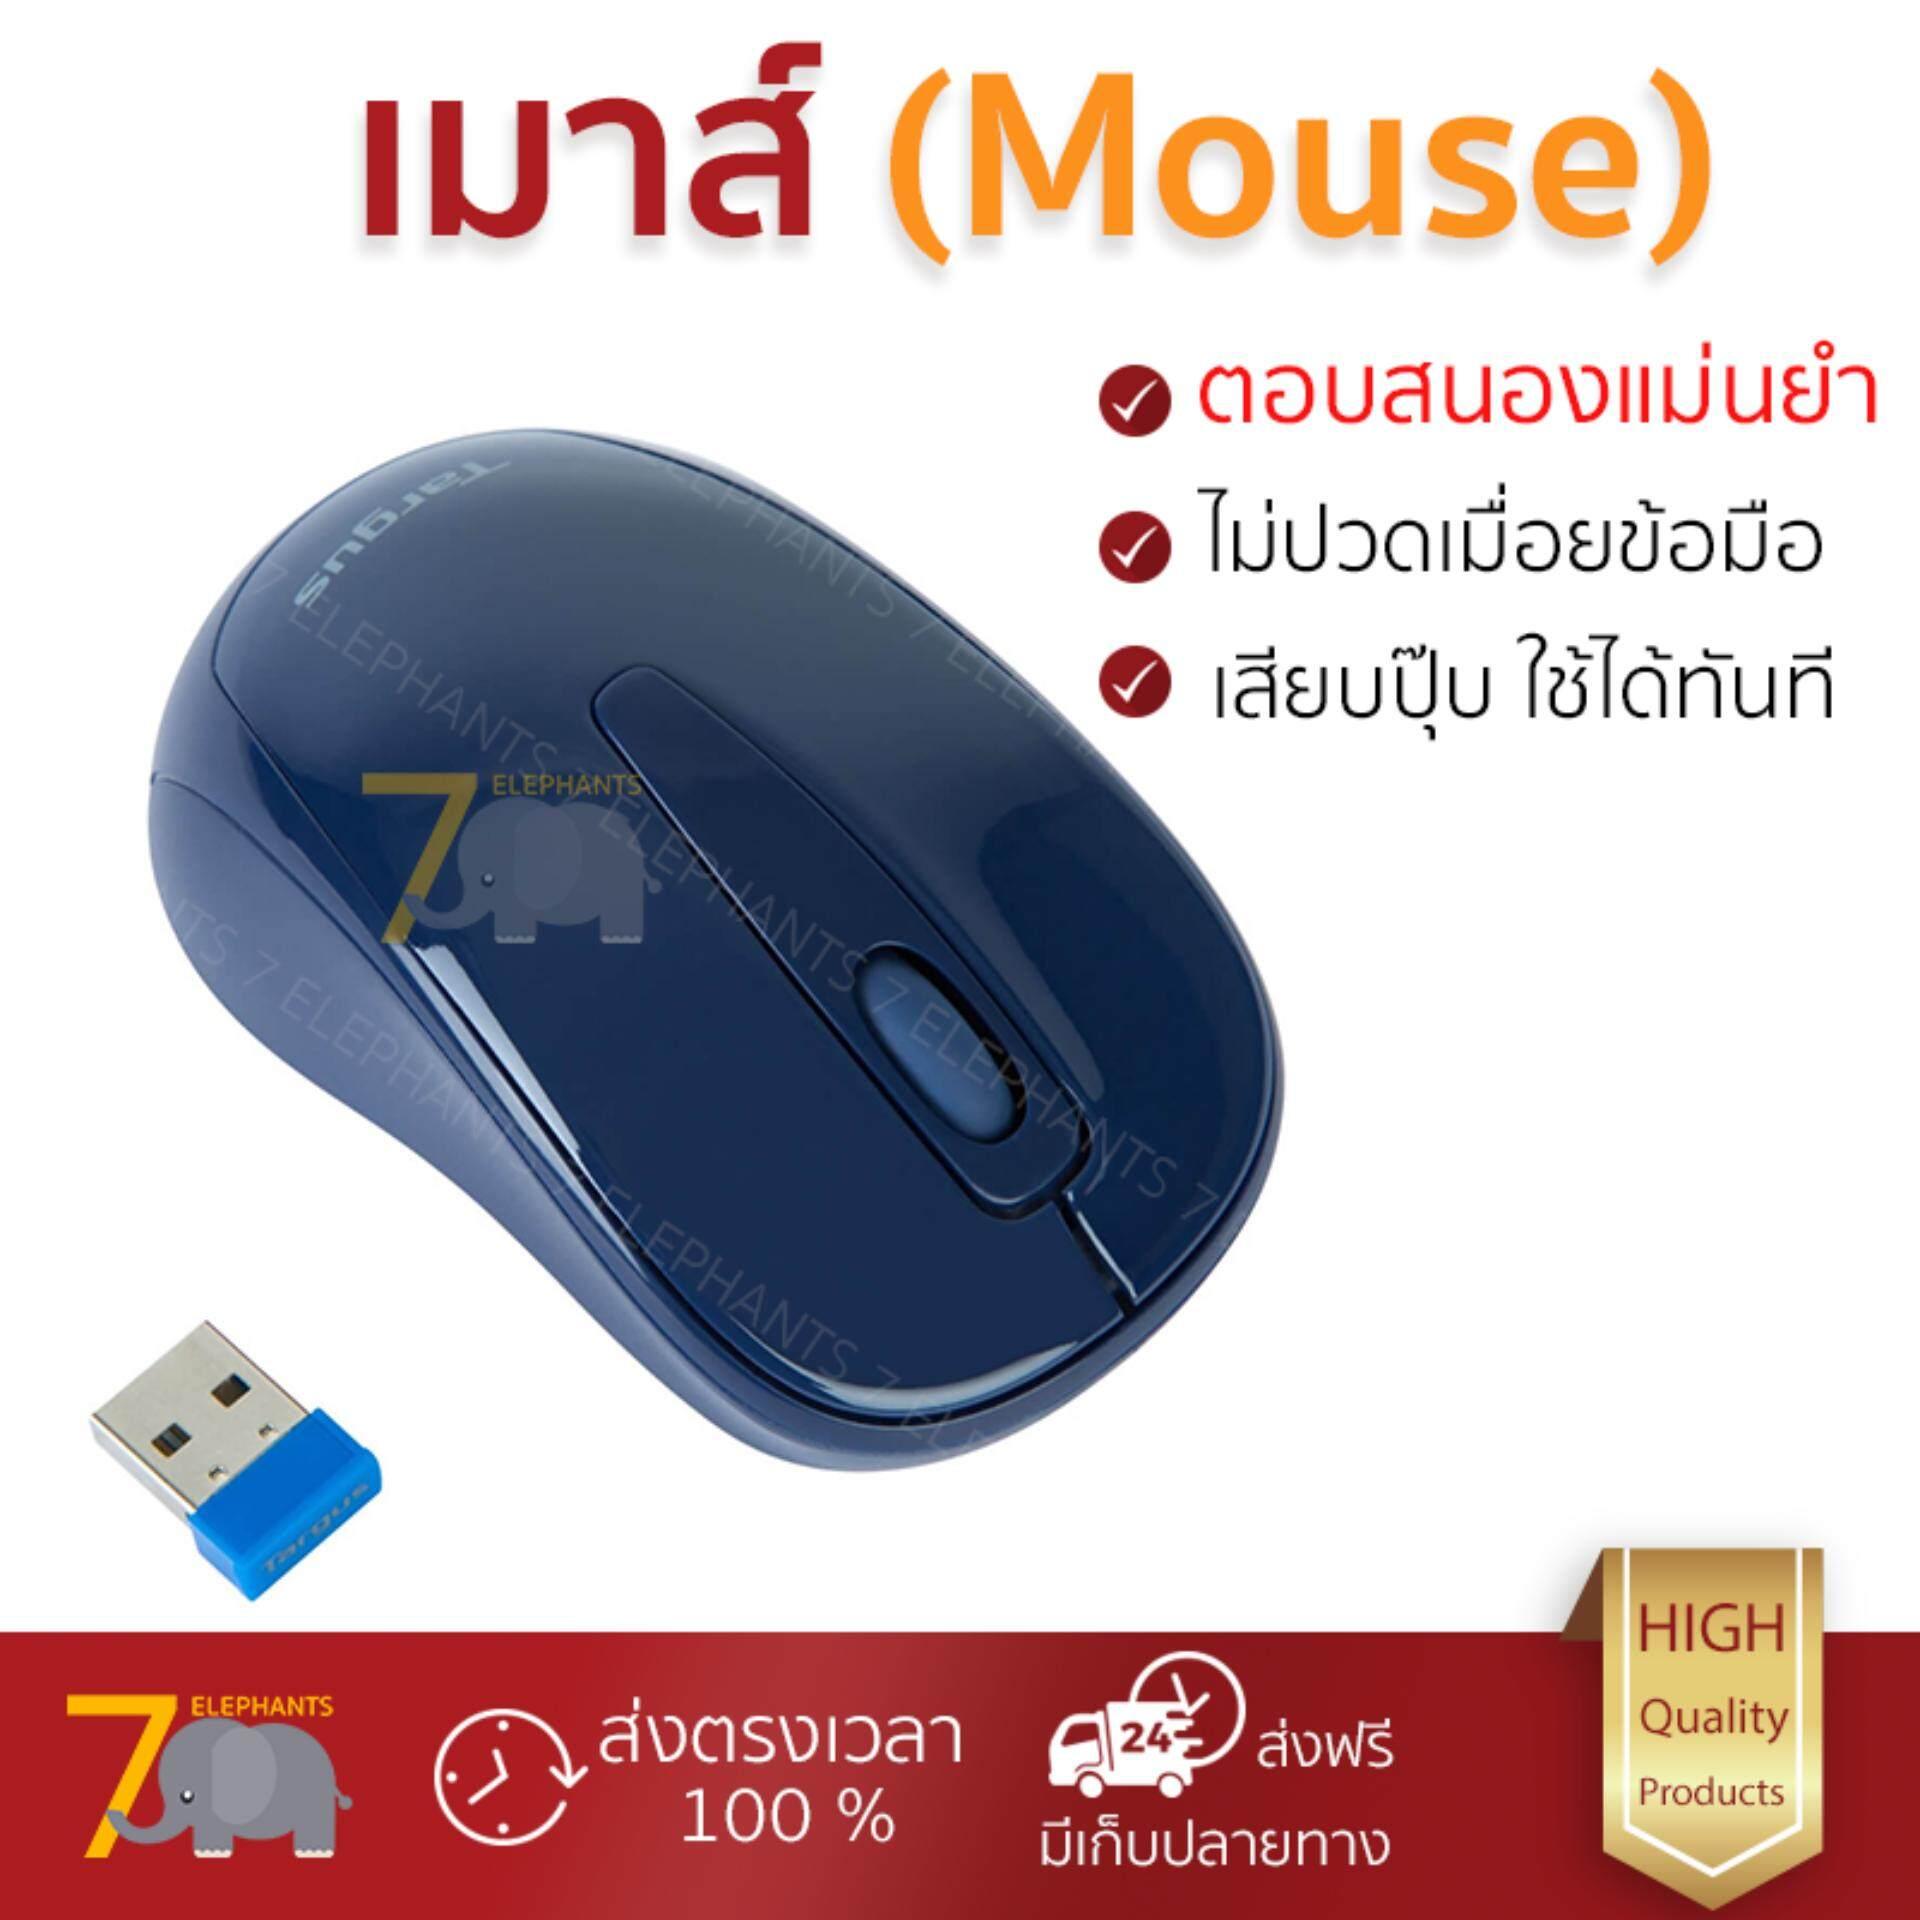 ลดสุดๆ รุ่นใหม่ล่าสุด เมาส์           TARGUS เมาส์ไร้สาย (สีน้ำเงิน) รุ่น AMW60003AP             เซนเซอร์คุณภาพสูง ทำงานได้ลื่นไหล ไม่มีสะดุด Computer Mouse  รับประกันสินค้า 1 ปี จัดส่งฟรี Kerry ทั่วป